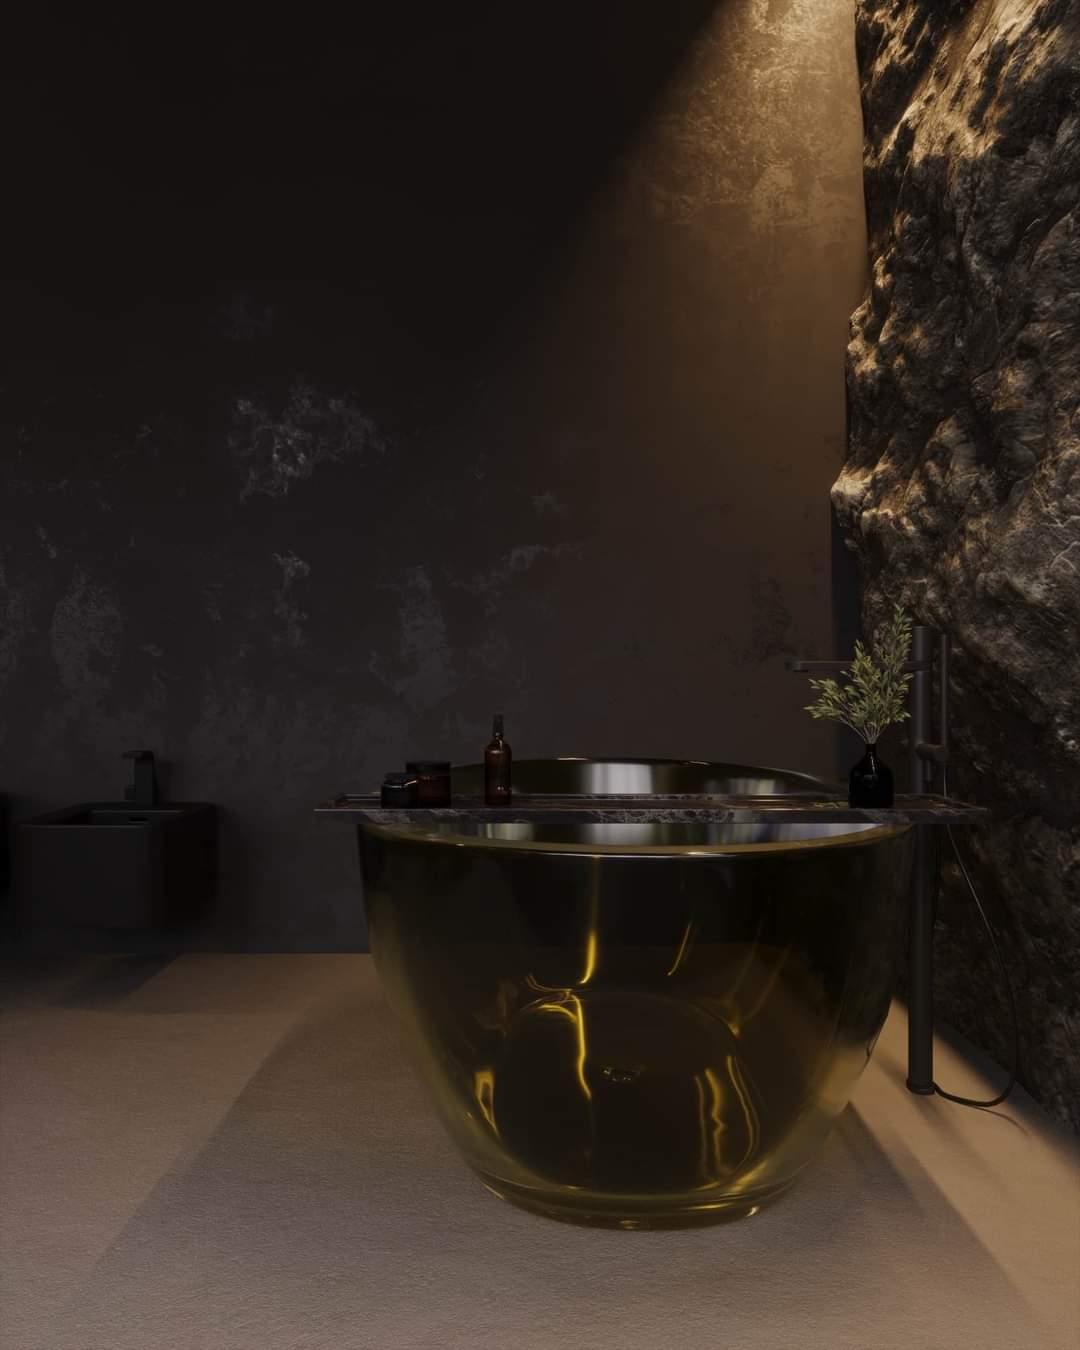 Enchanting Bath Tub Set Up - Source: Kireevaaanna